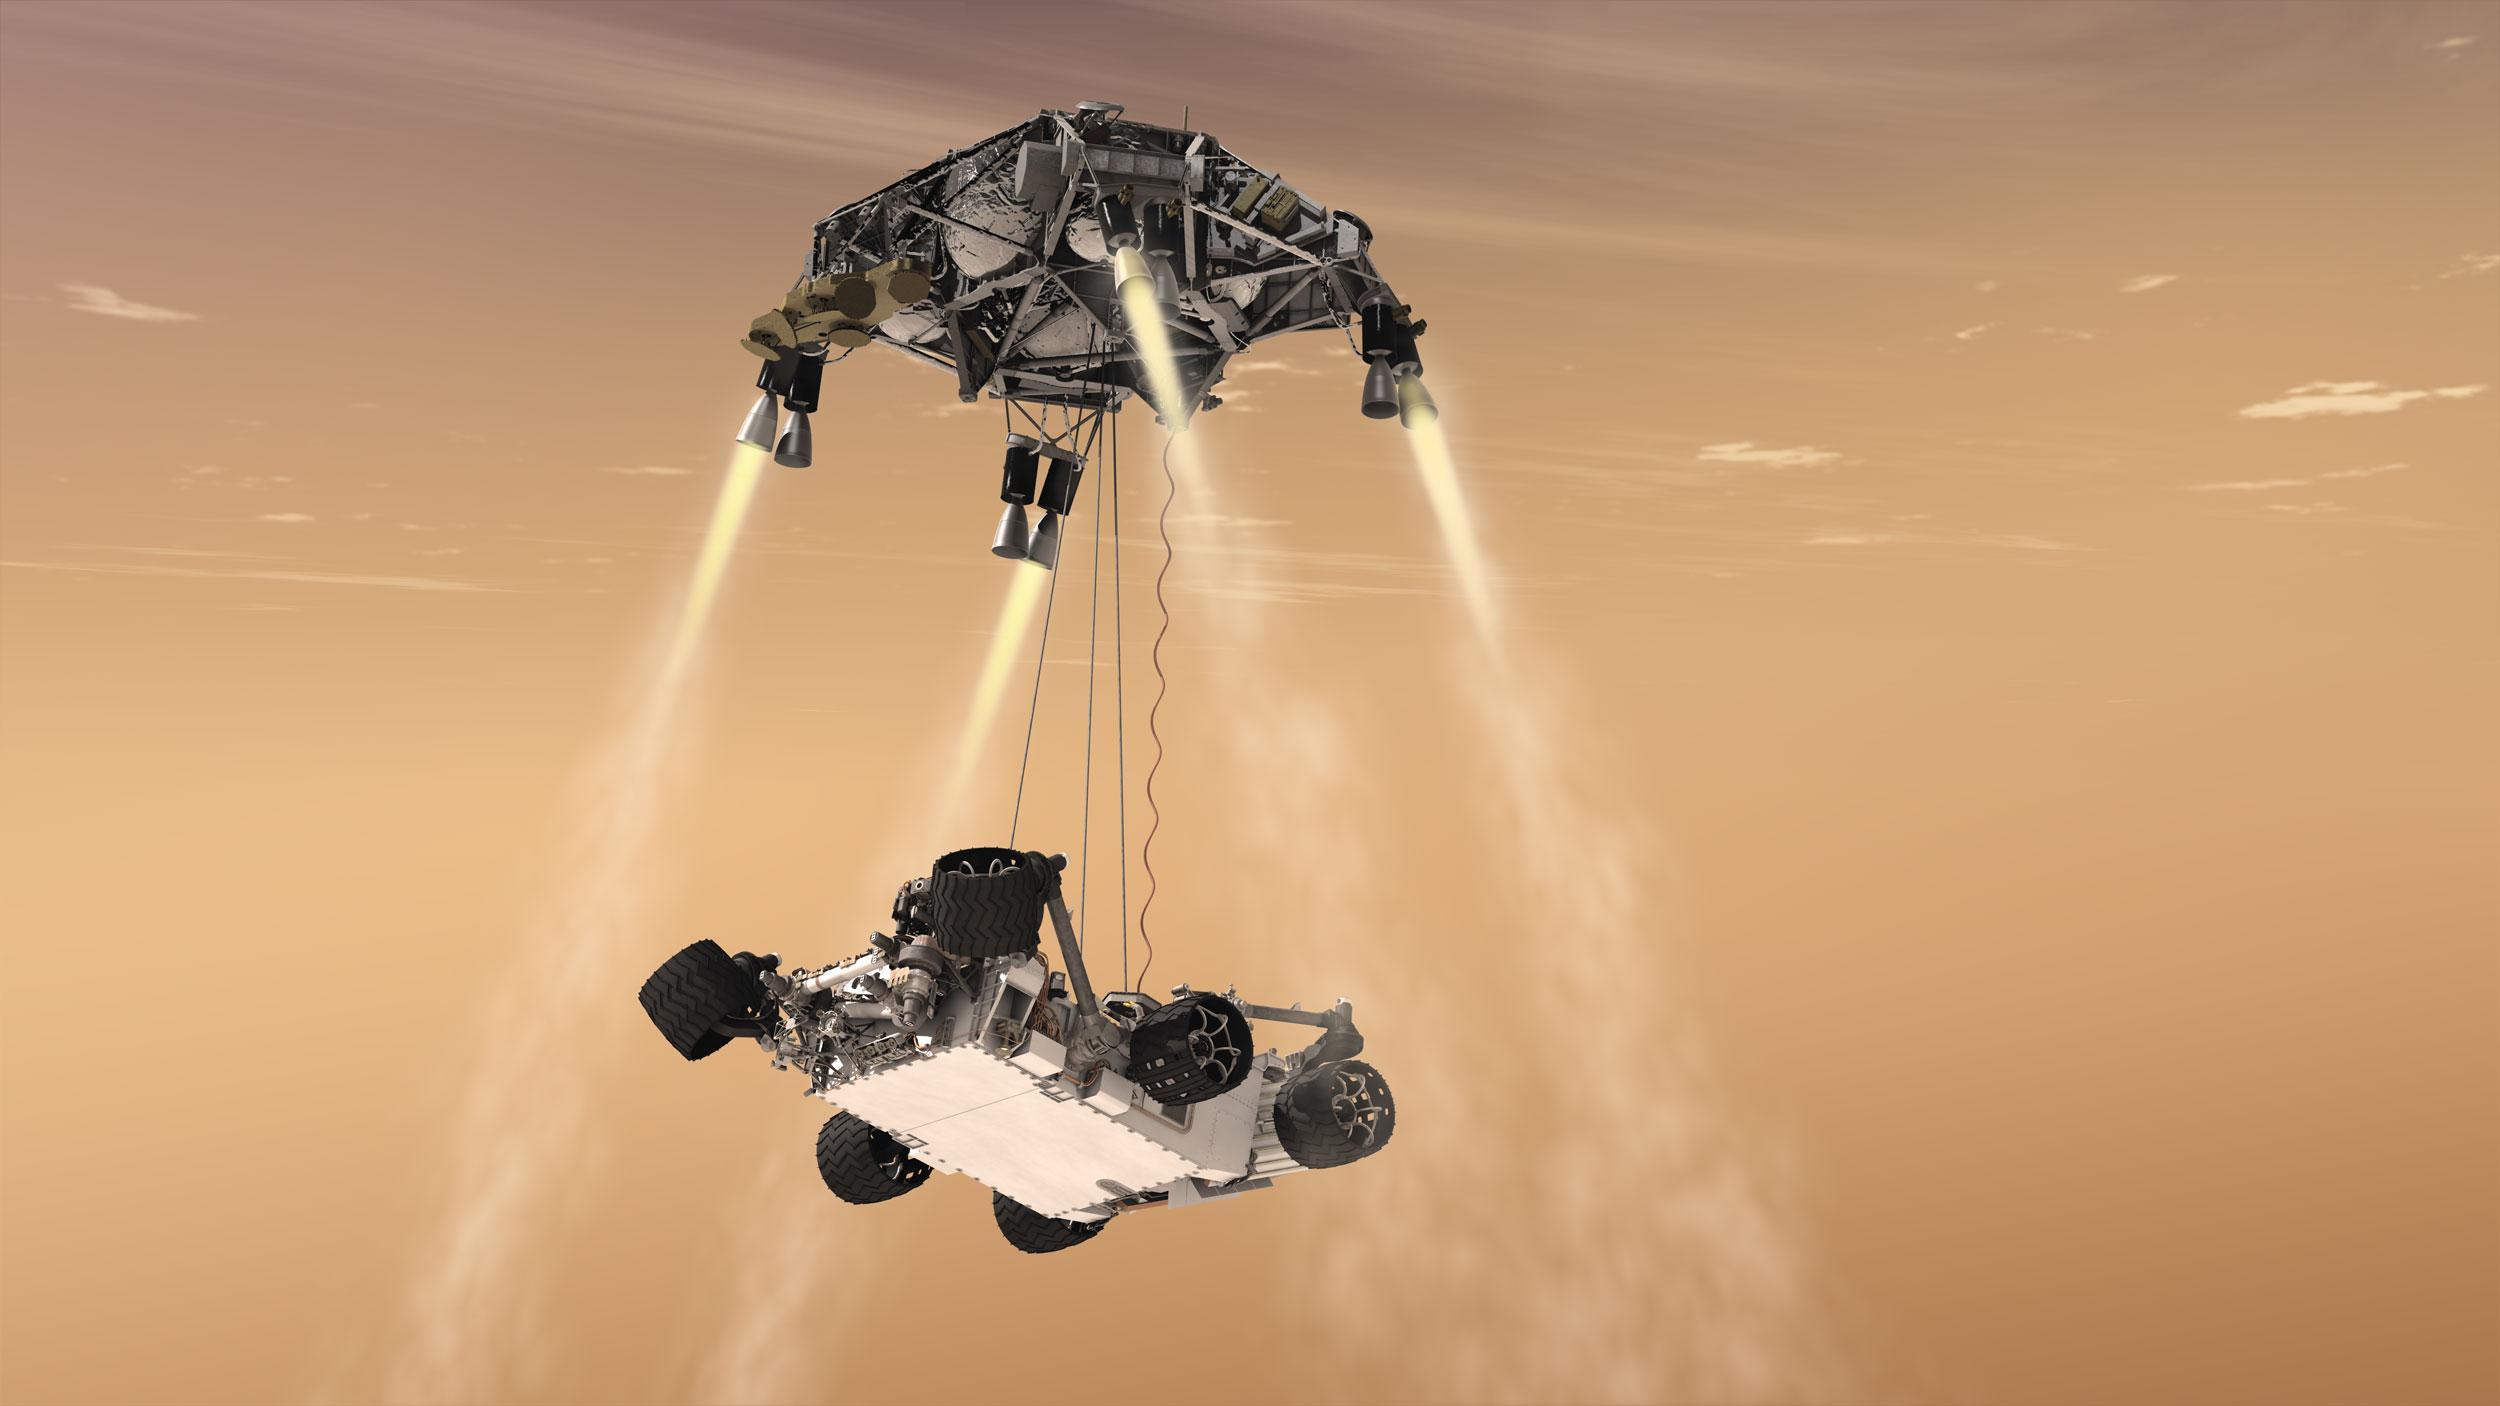 Curiosity's Sky Crane Maneuver, Artist's Concept | NASA